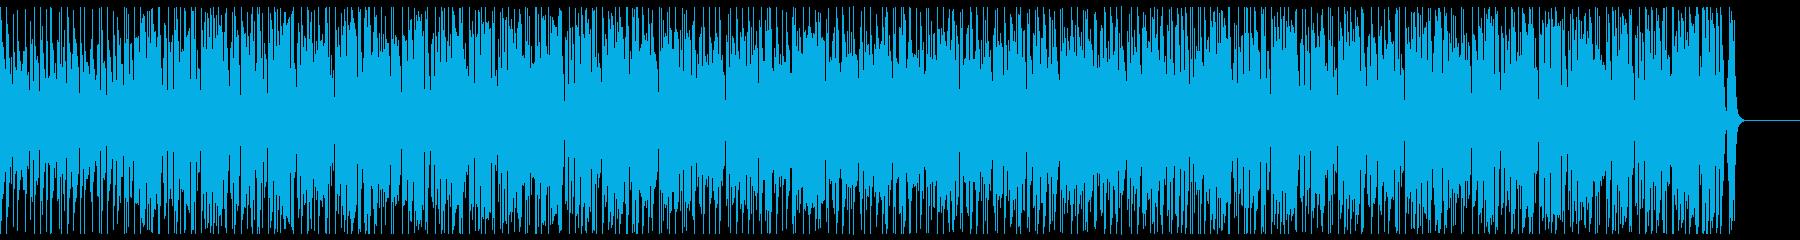 夏/陽気/暑い/ホットな管楽器でラテン曲の再生済みの波形